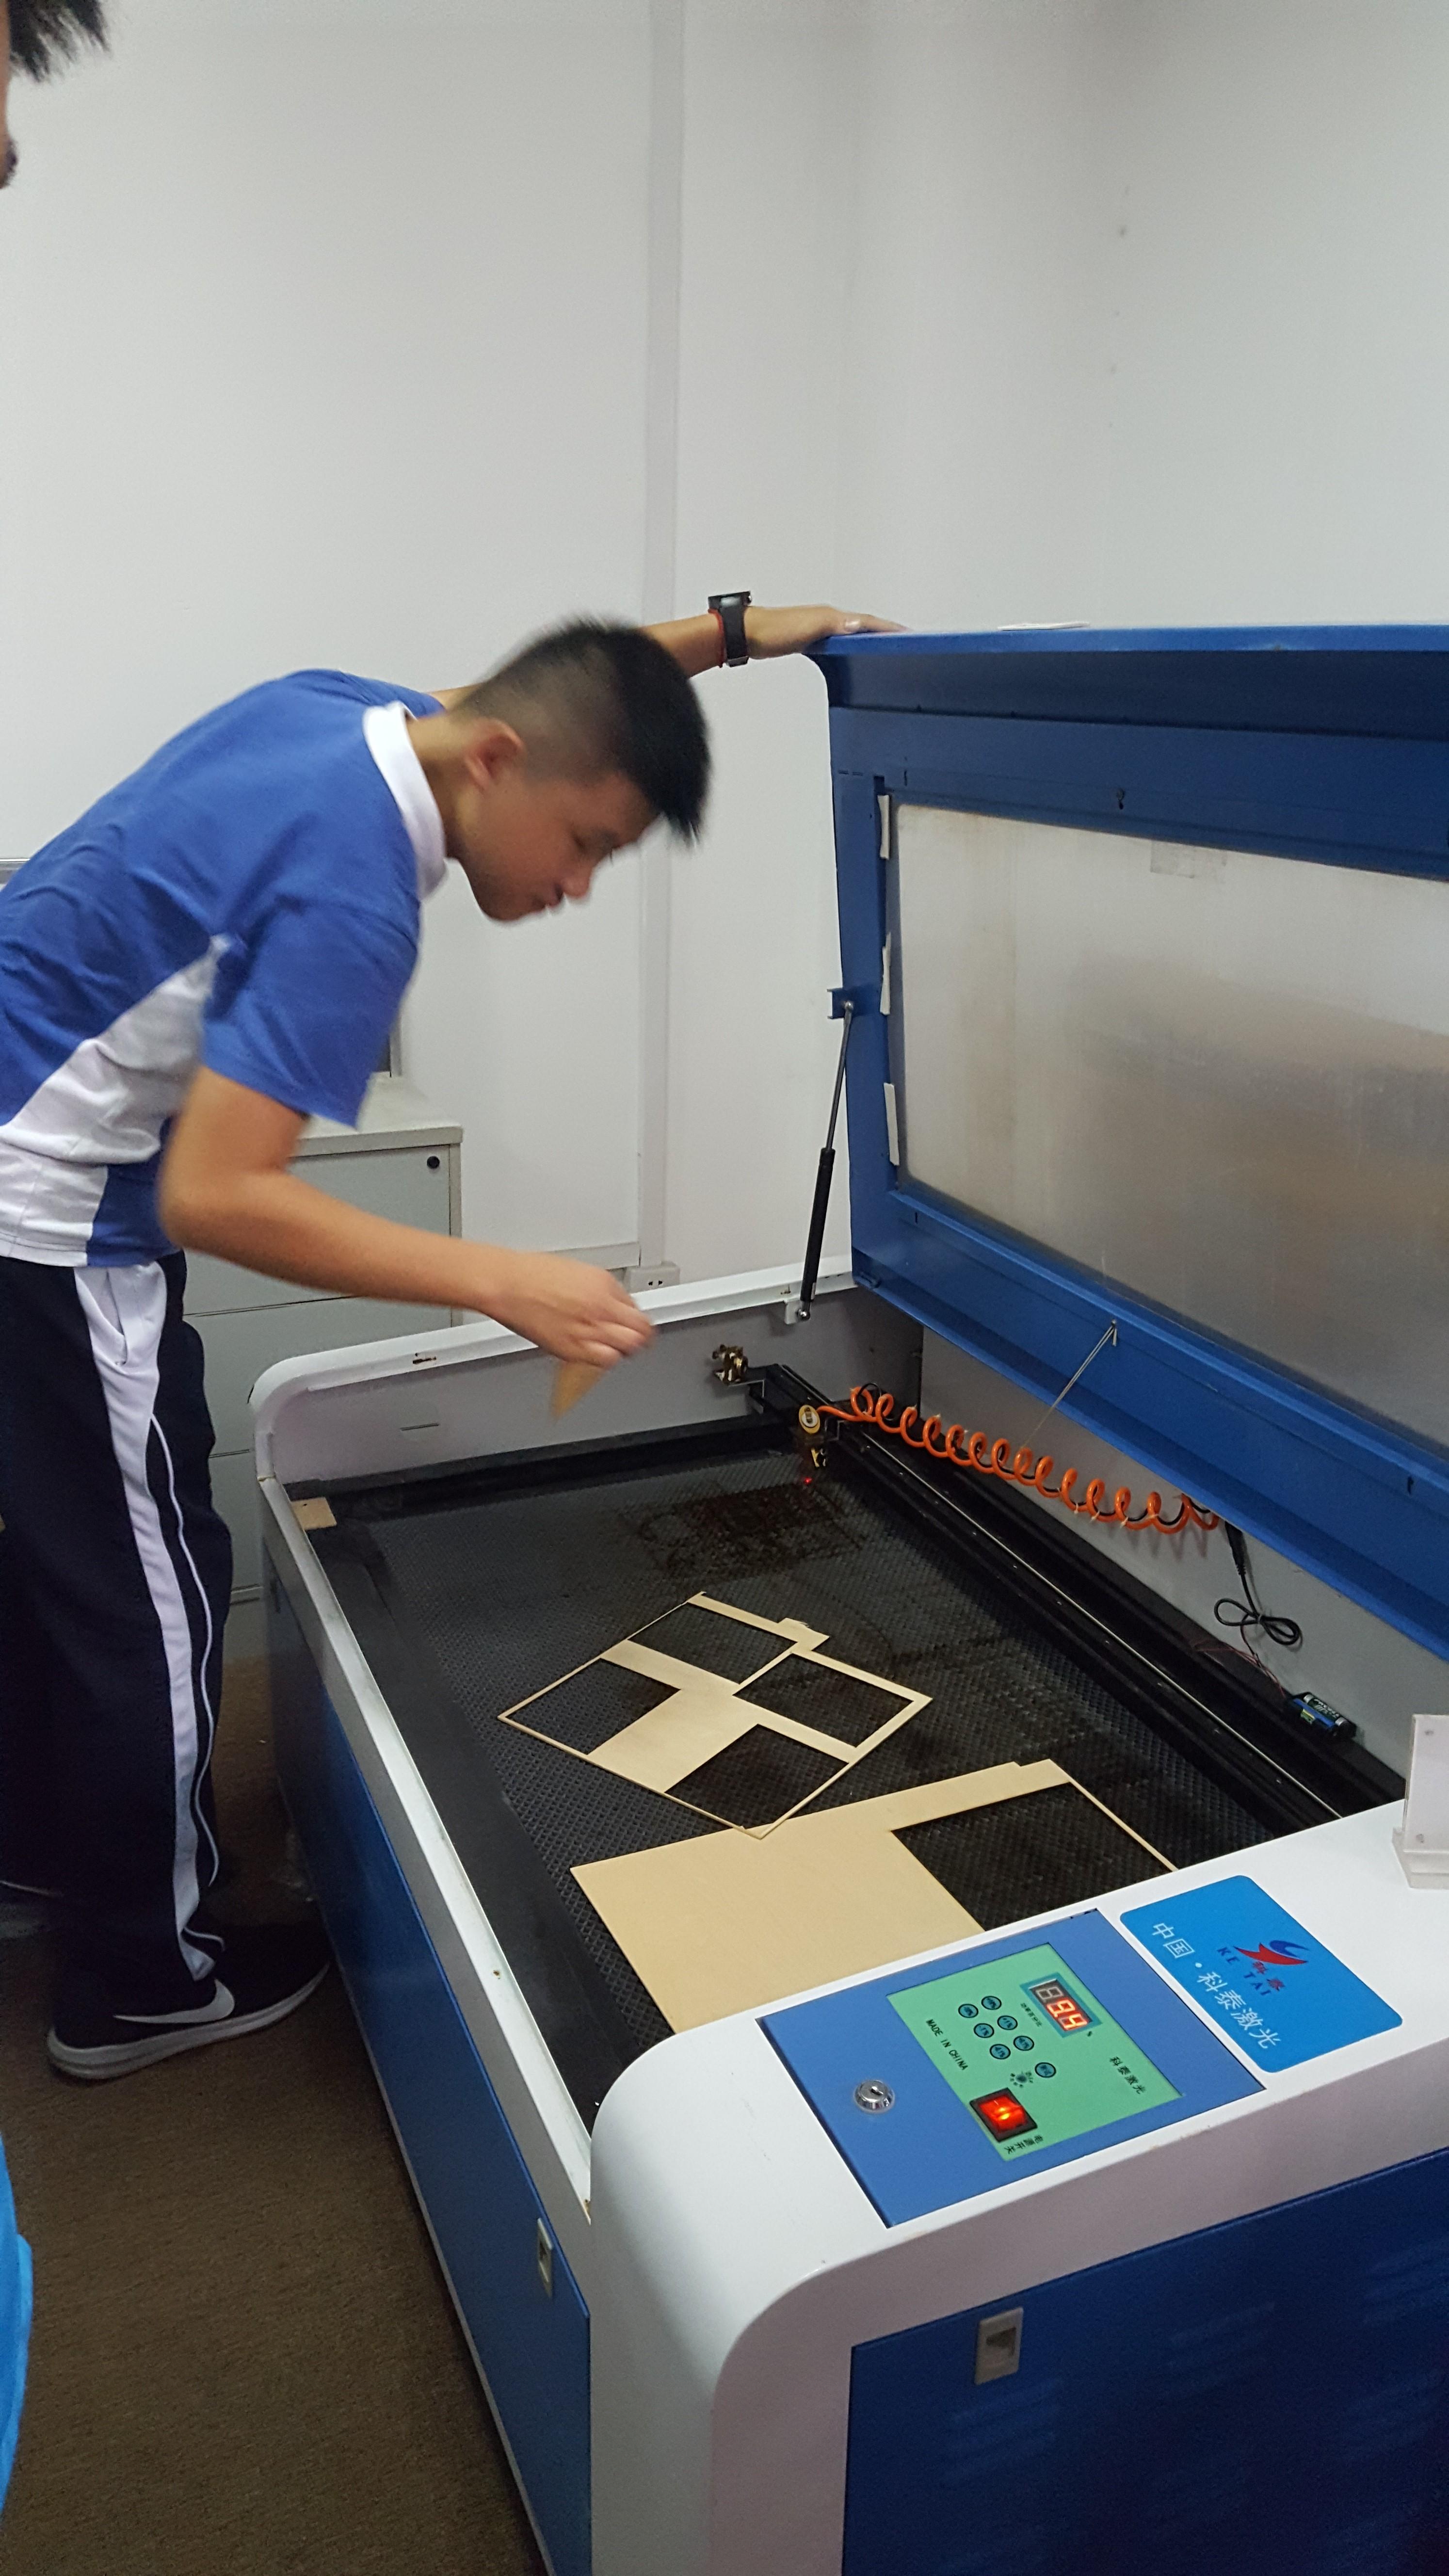 激光切割機航模拼裝與課程3